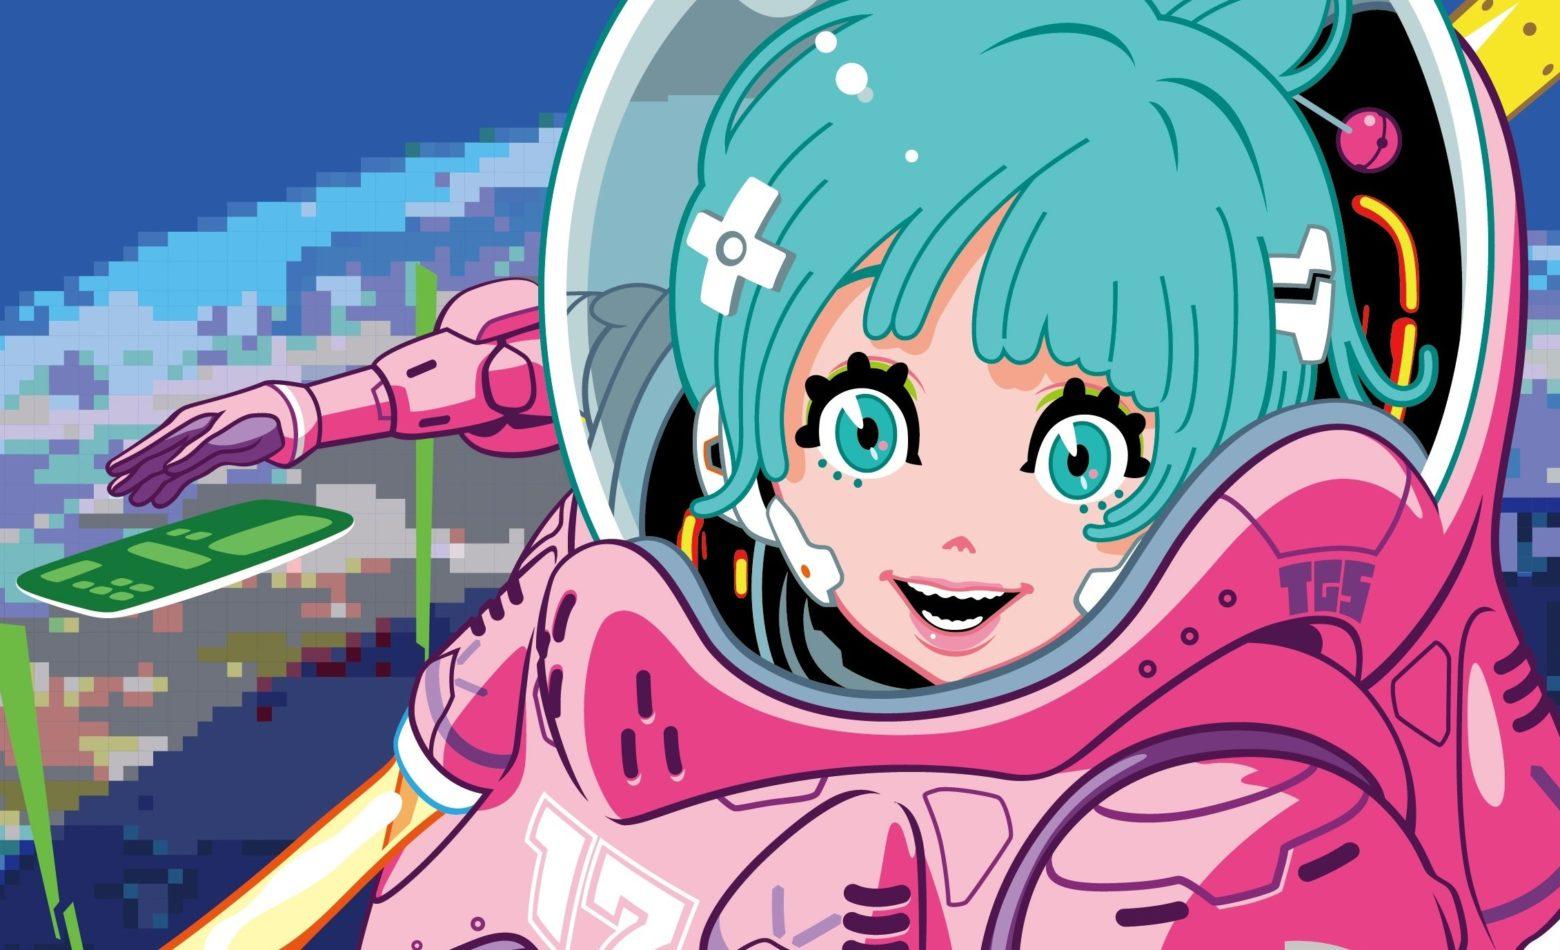 Guia da Tokyo Game Show 2017: jogos, empresas e transmissões ao vivo!